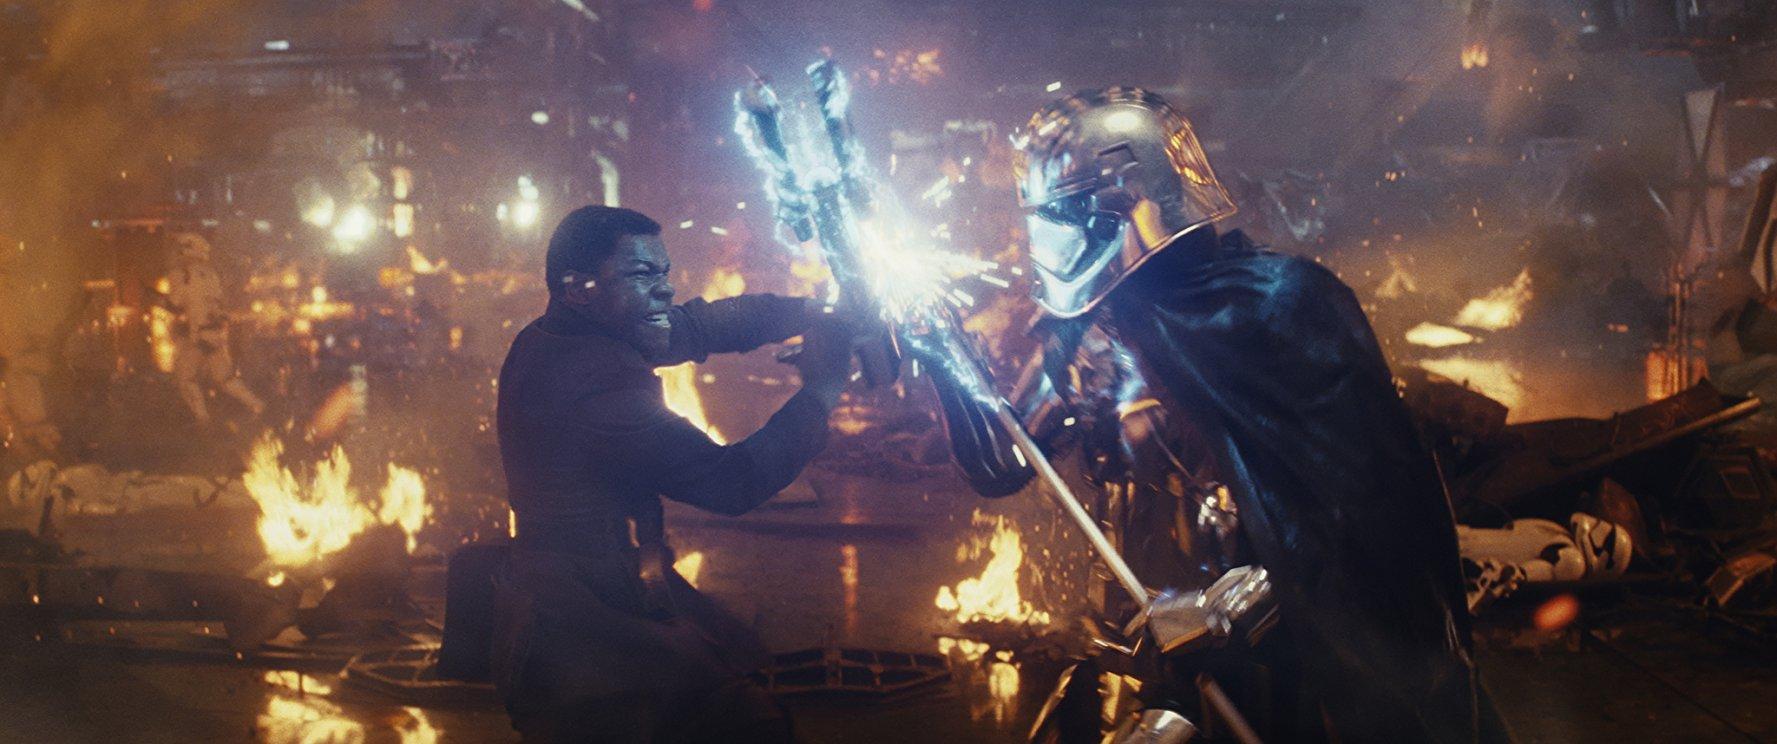 Đa số các cảnh có sử dụng kỹ xảo trong Jedi Cuối Cùng đều được đầu tư tốt.